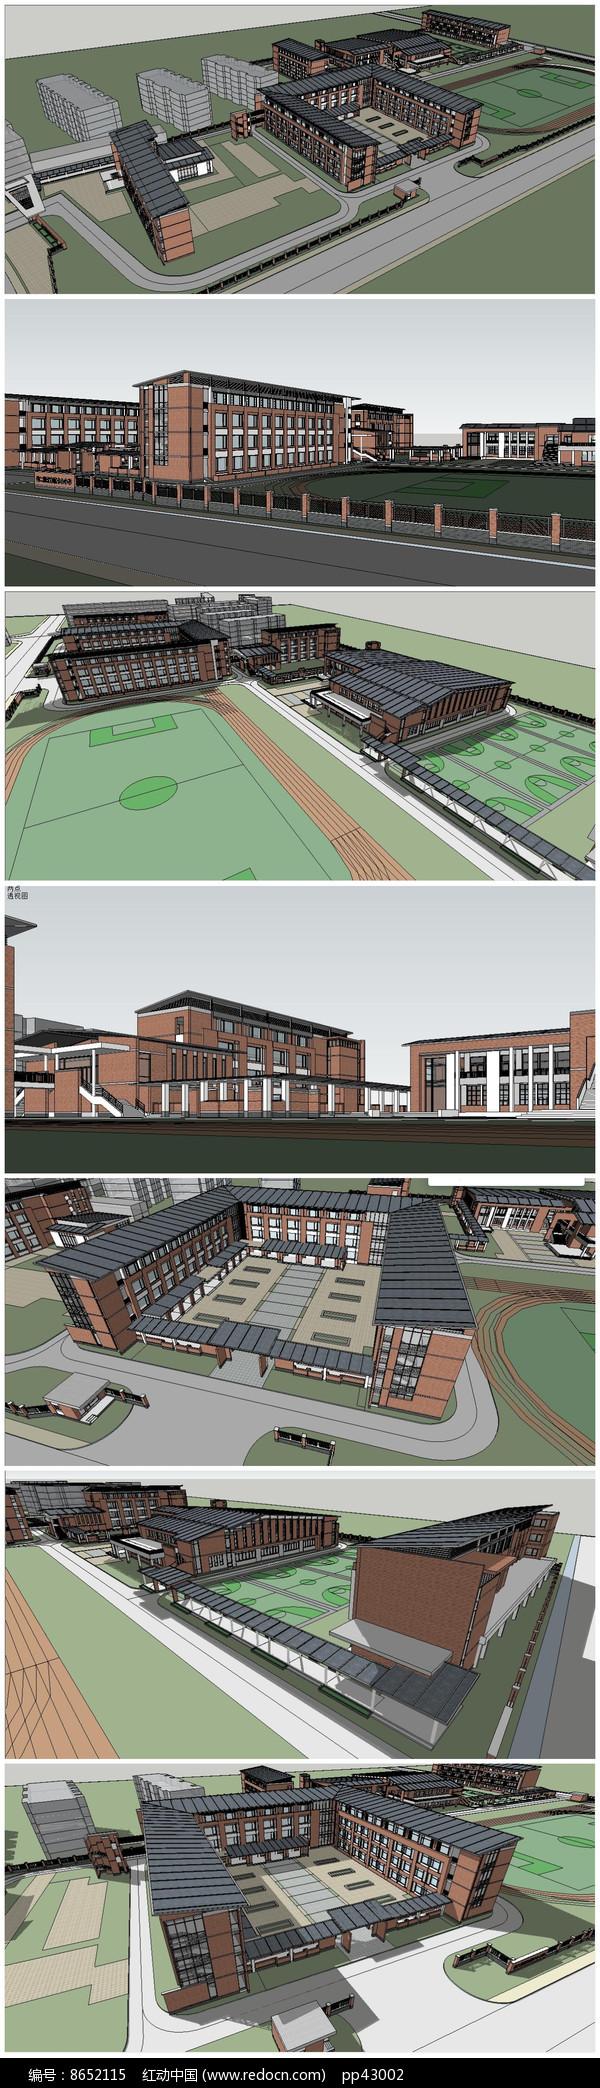 现代中学校园建筑SU模型图片